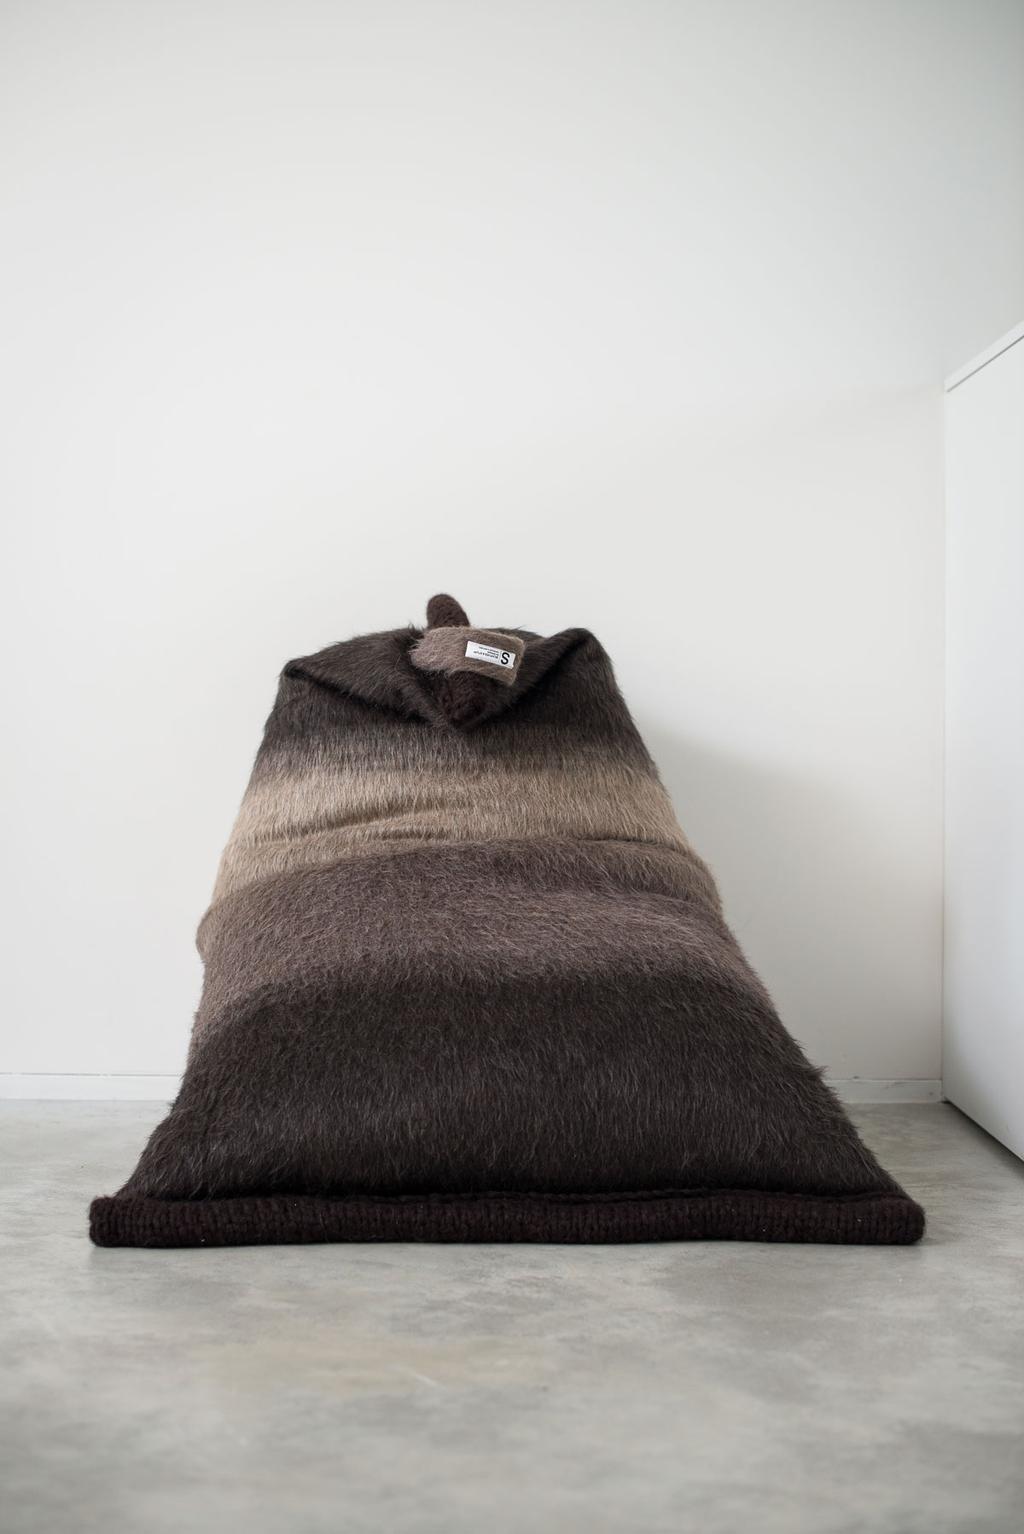 Brown beanbag